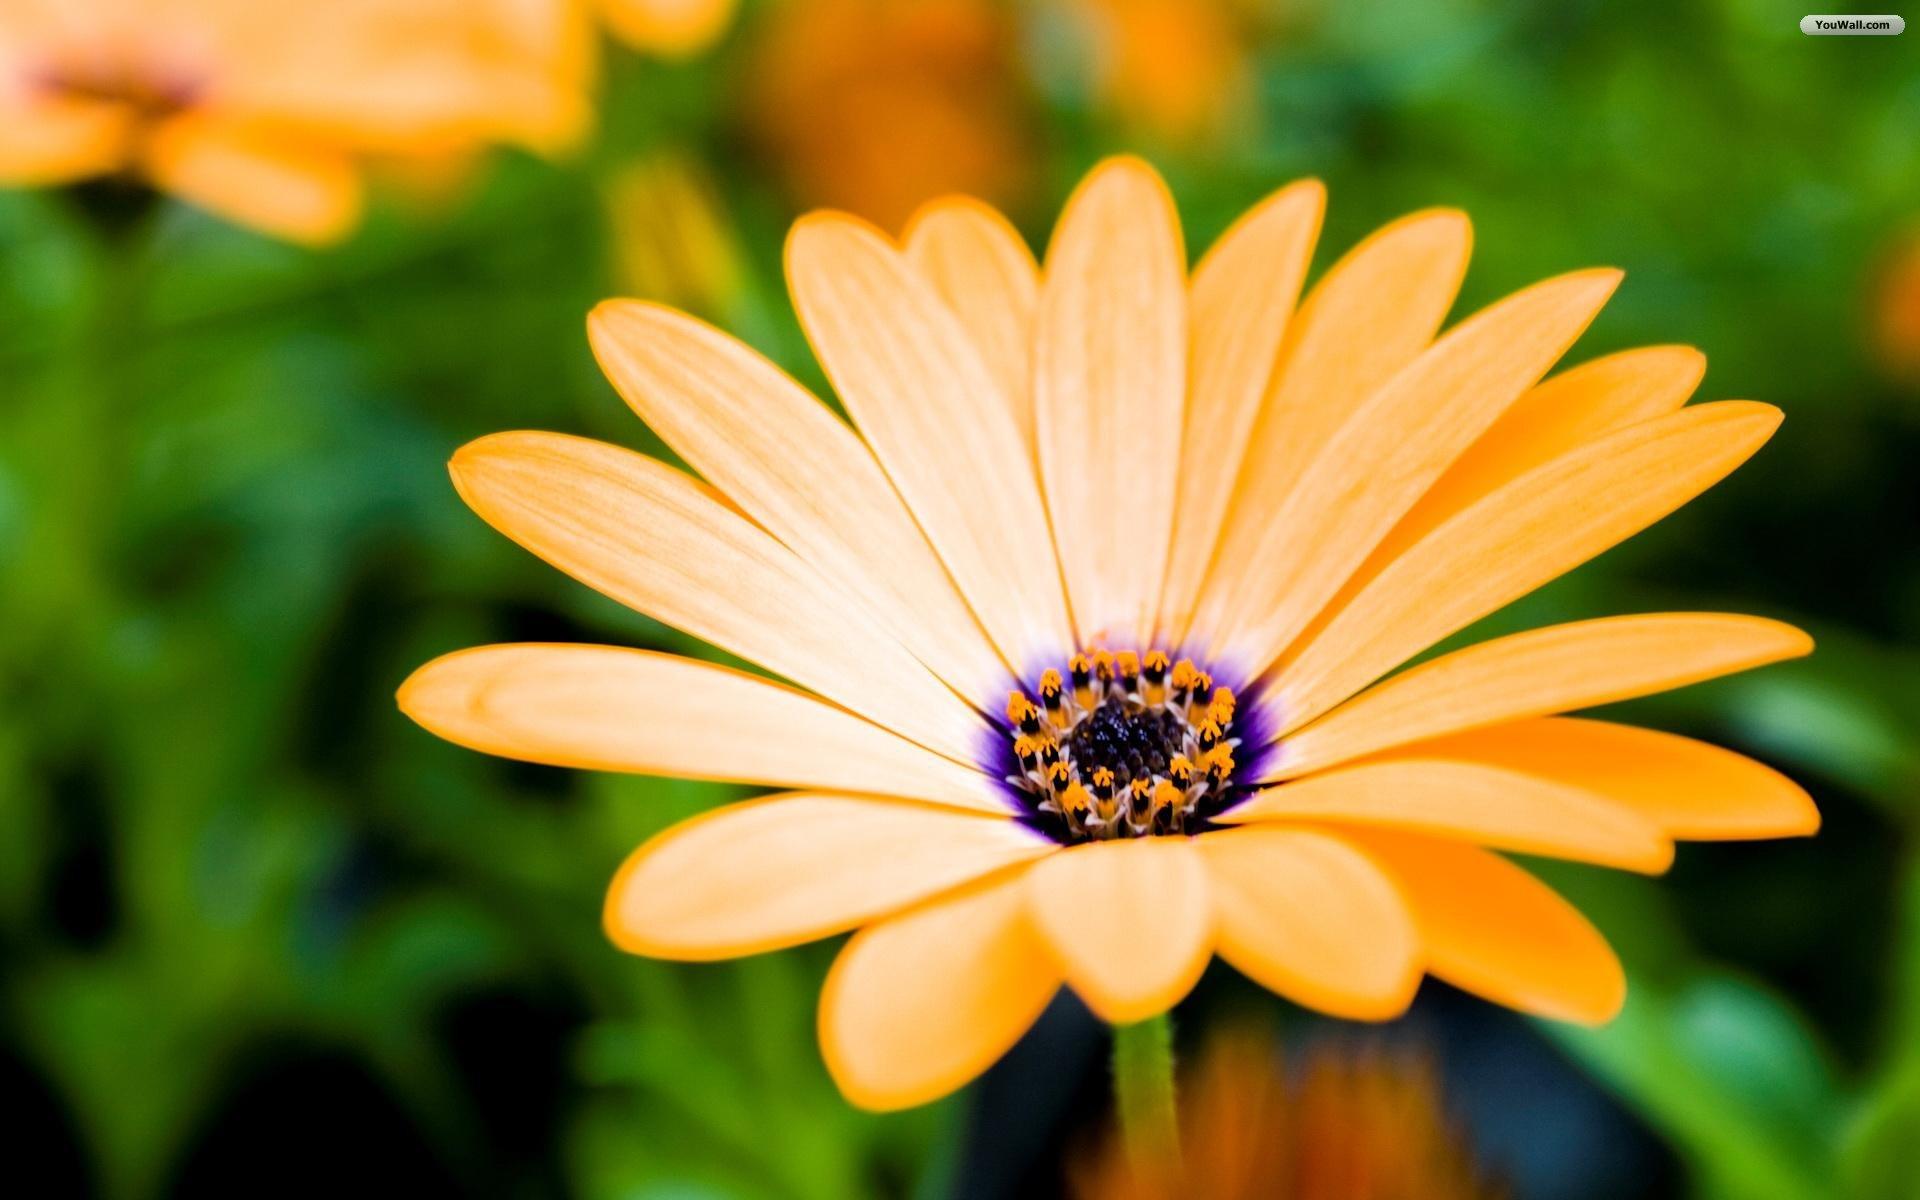 wallpaper flower desktop house papel 1920x1200 1920x1200